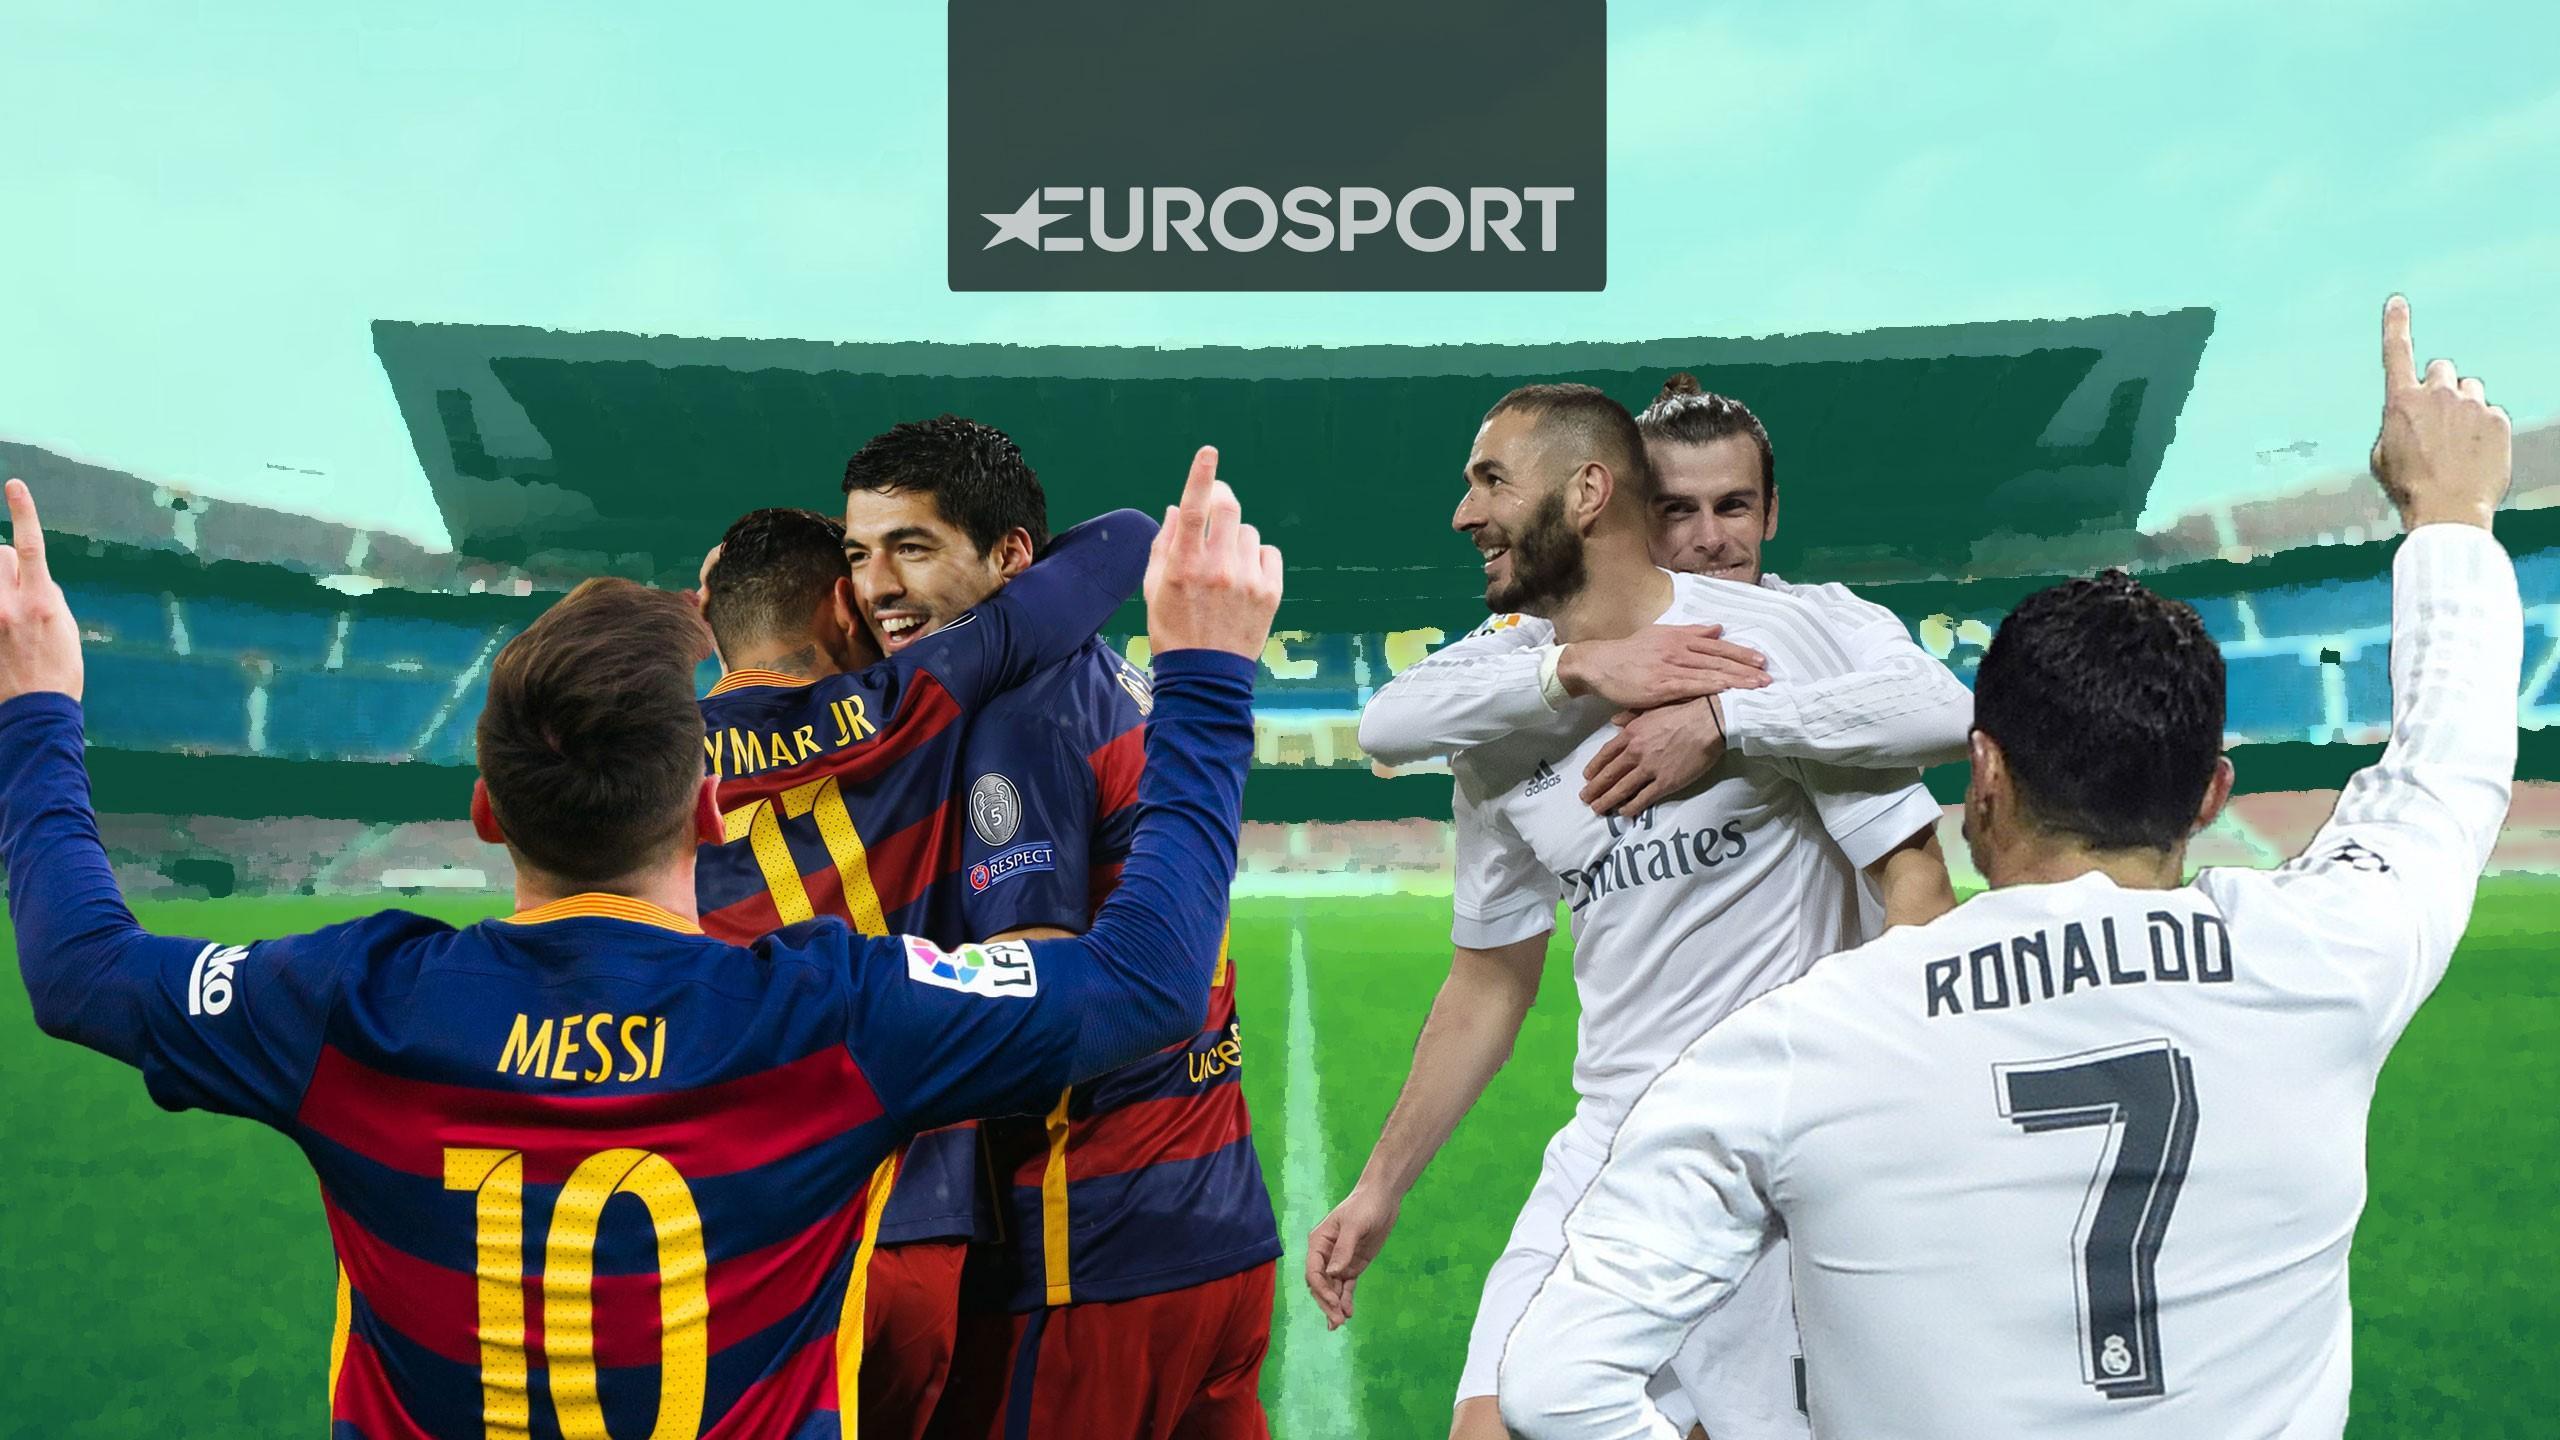 Криштиану Роналду («Реал Мадрид»), Лионель Месси («Барселона»)